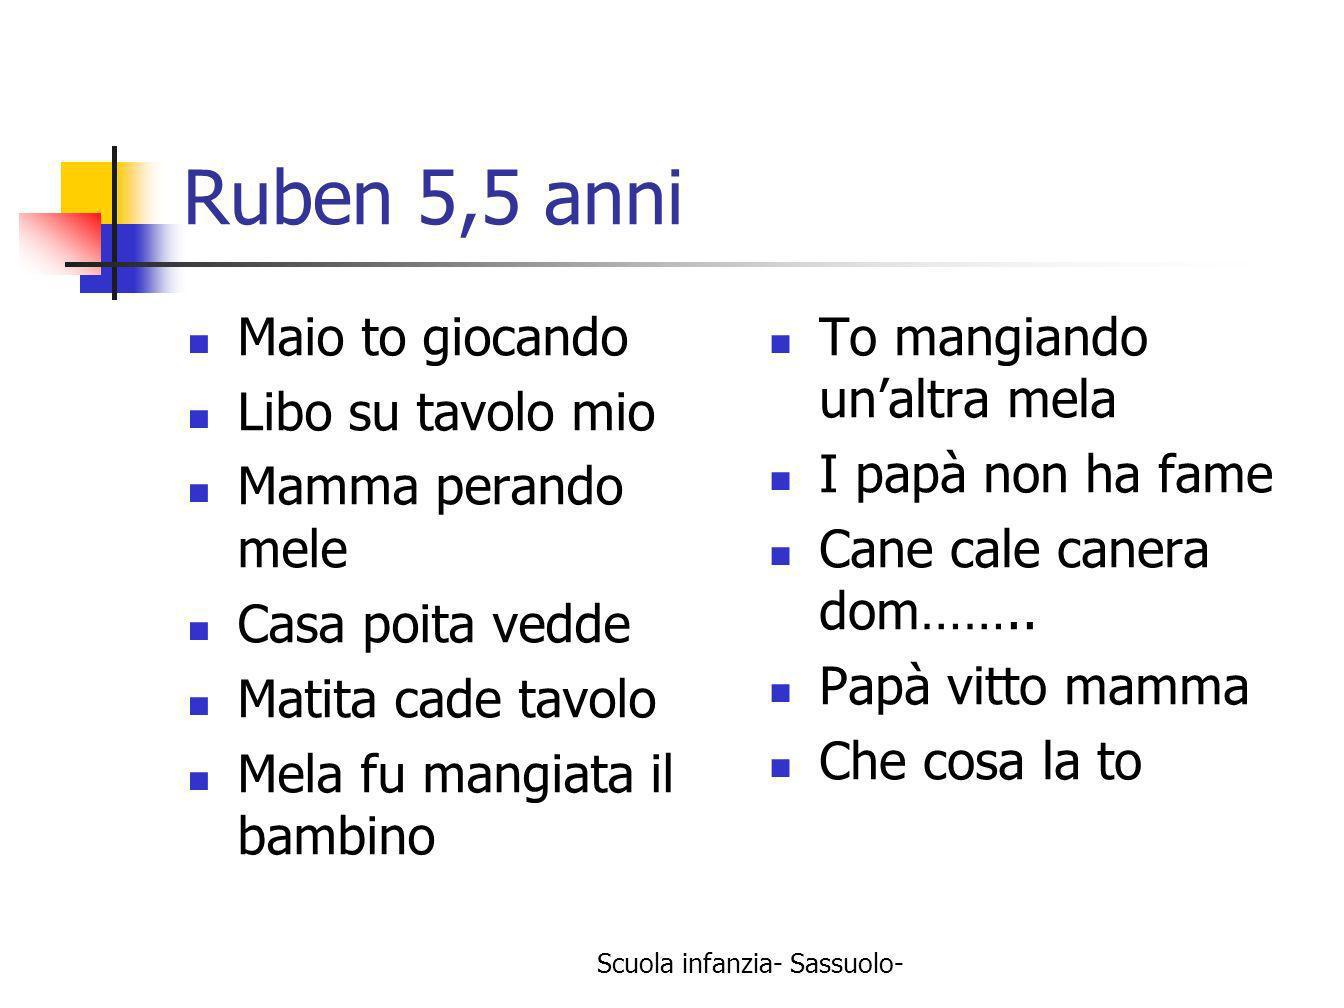 Scuola infanzia- Sassuolo- Ruben 5,5 anni Maio to giocando Libo su tavolo mio Mamma perando mele Casa poita vedde Matita cade tavolo Mela fu mangiata